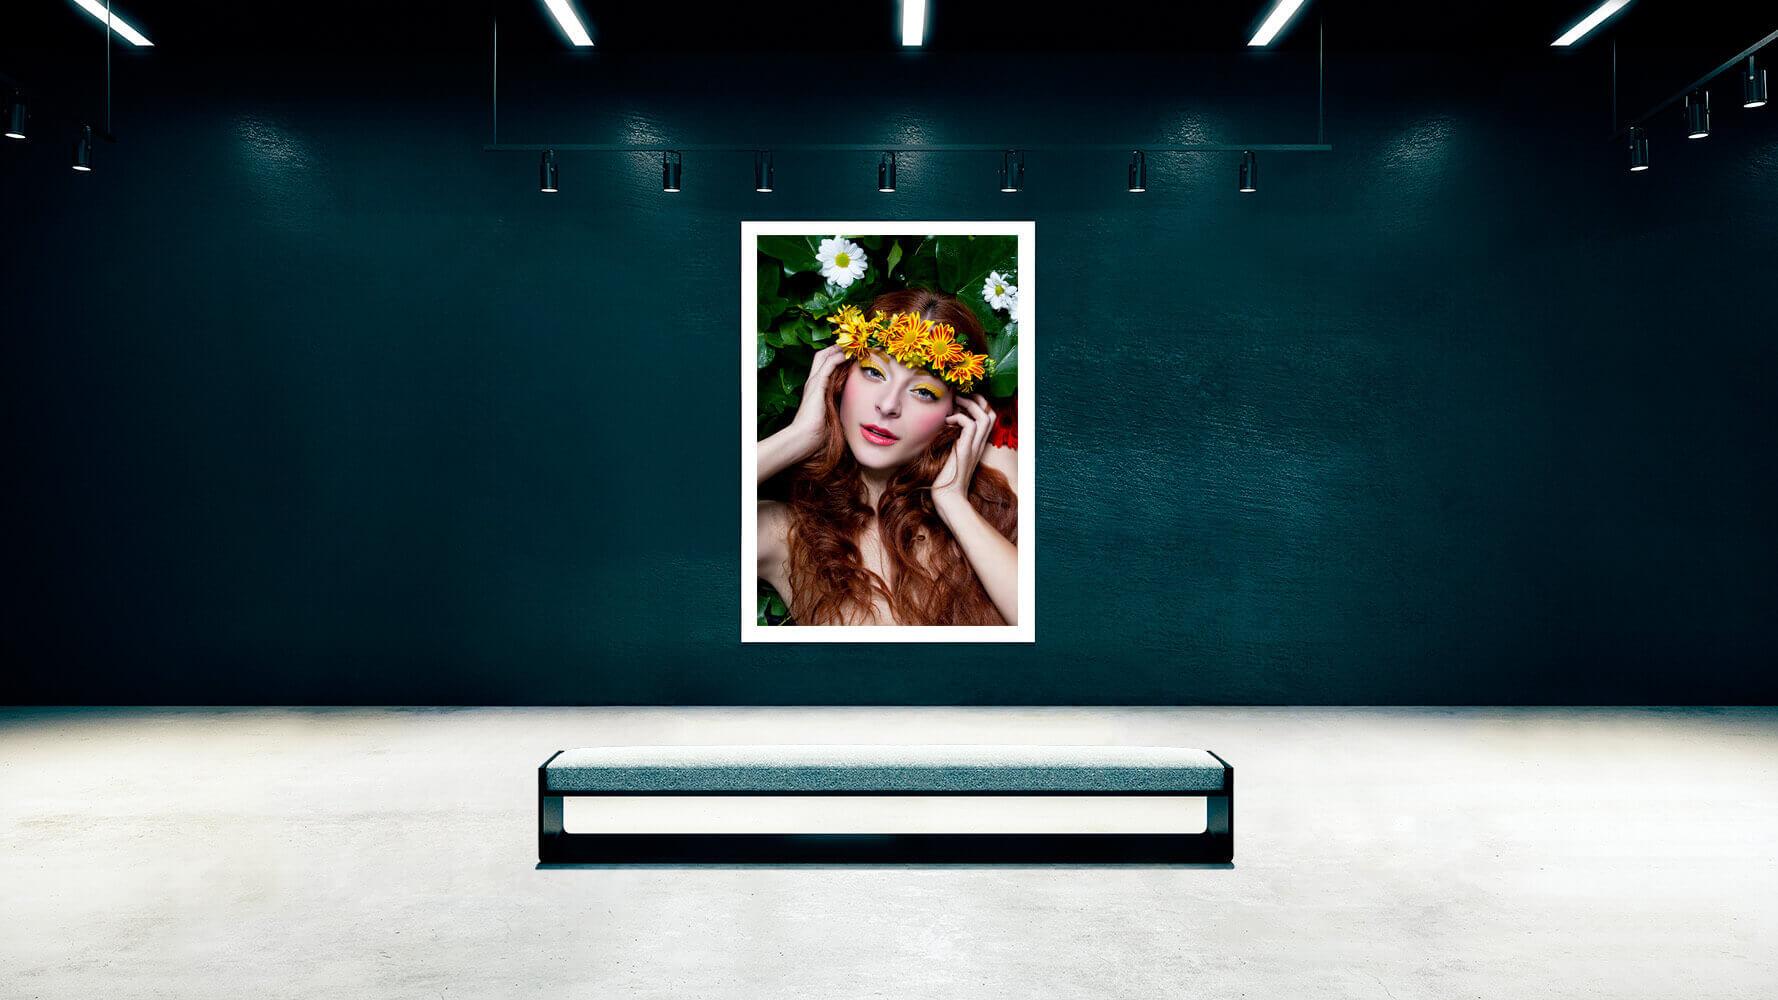 Angel-ruiz-ruiz-exposicion-venus-vere-lete-papillon-Horno-Virtual-Gallery-galeria-arte-fotografia-artistica-edicion-limitada-decoracion-3